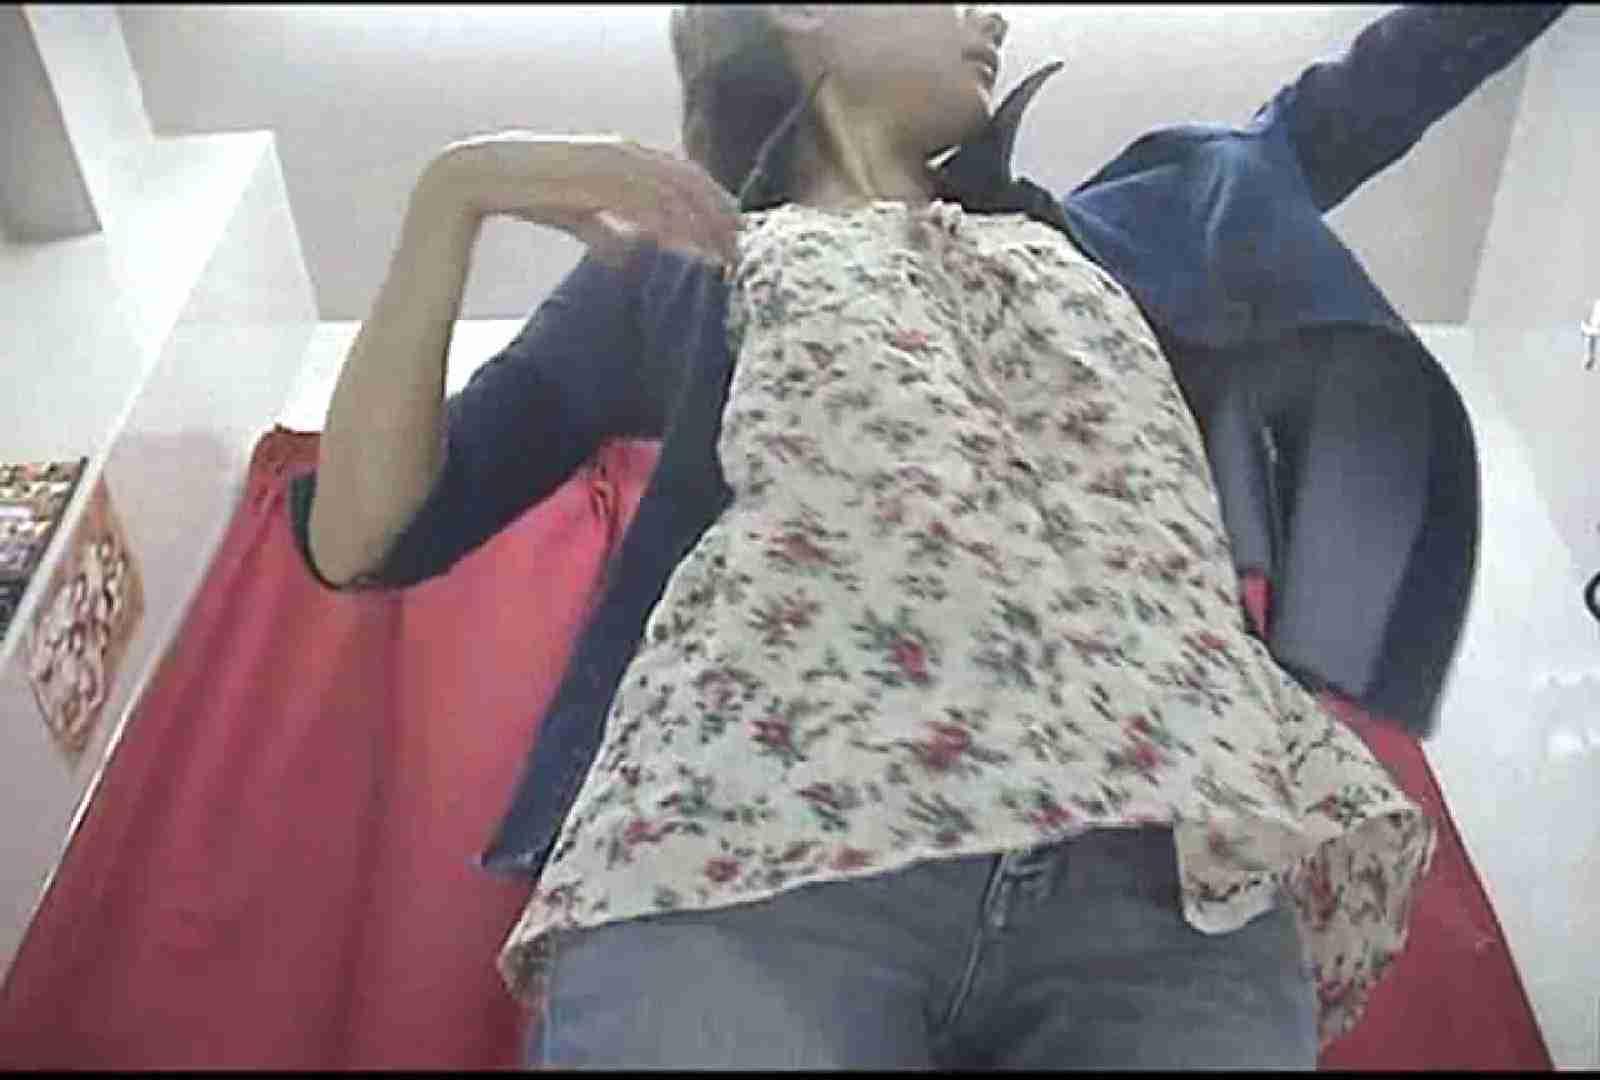 ショップ店長流出!!変態下着を買い漁る女達!Vol.4 ギャルのエロ動画 | 着替え  58画像 16